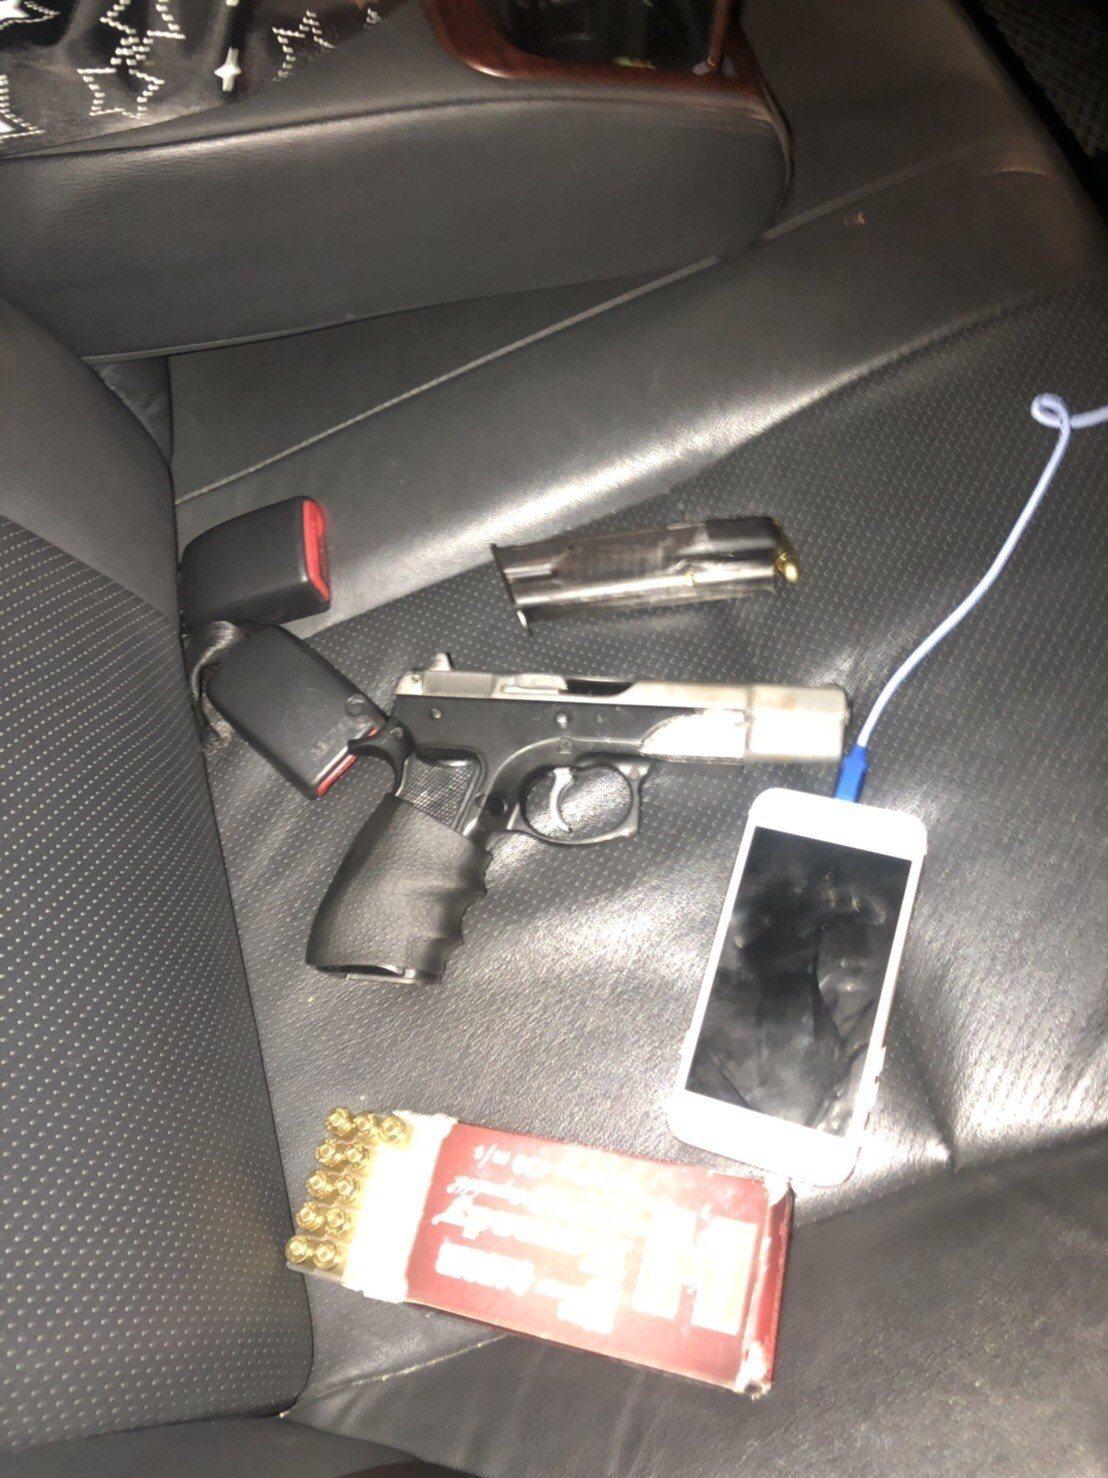 警方在嫌犯車上搜出改造手槍及27發90子彈。記者巫鴻瑋/翻攝